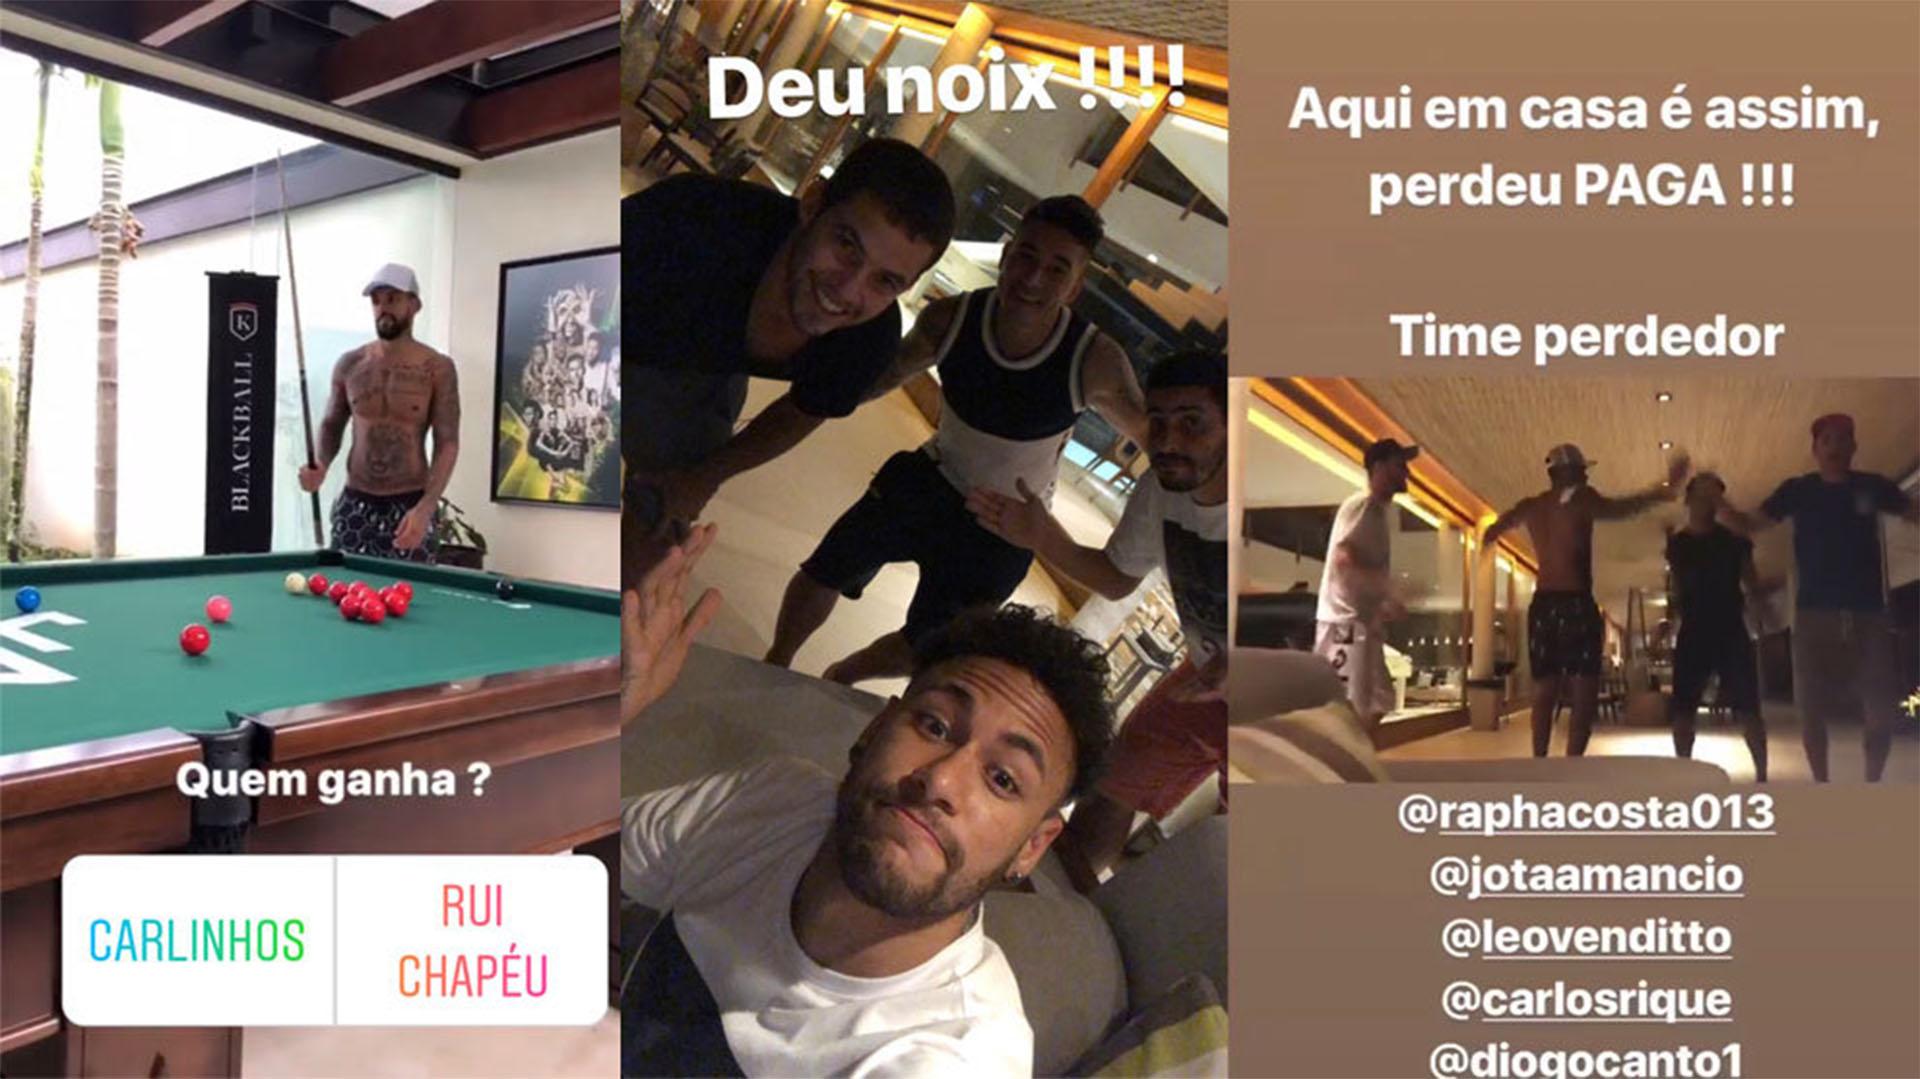 El brasileño compartió imágenes en su Instagram, lejos de sus compañeros